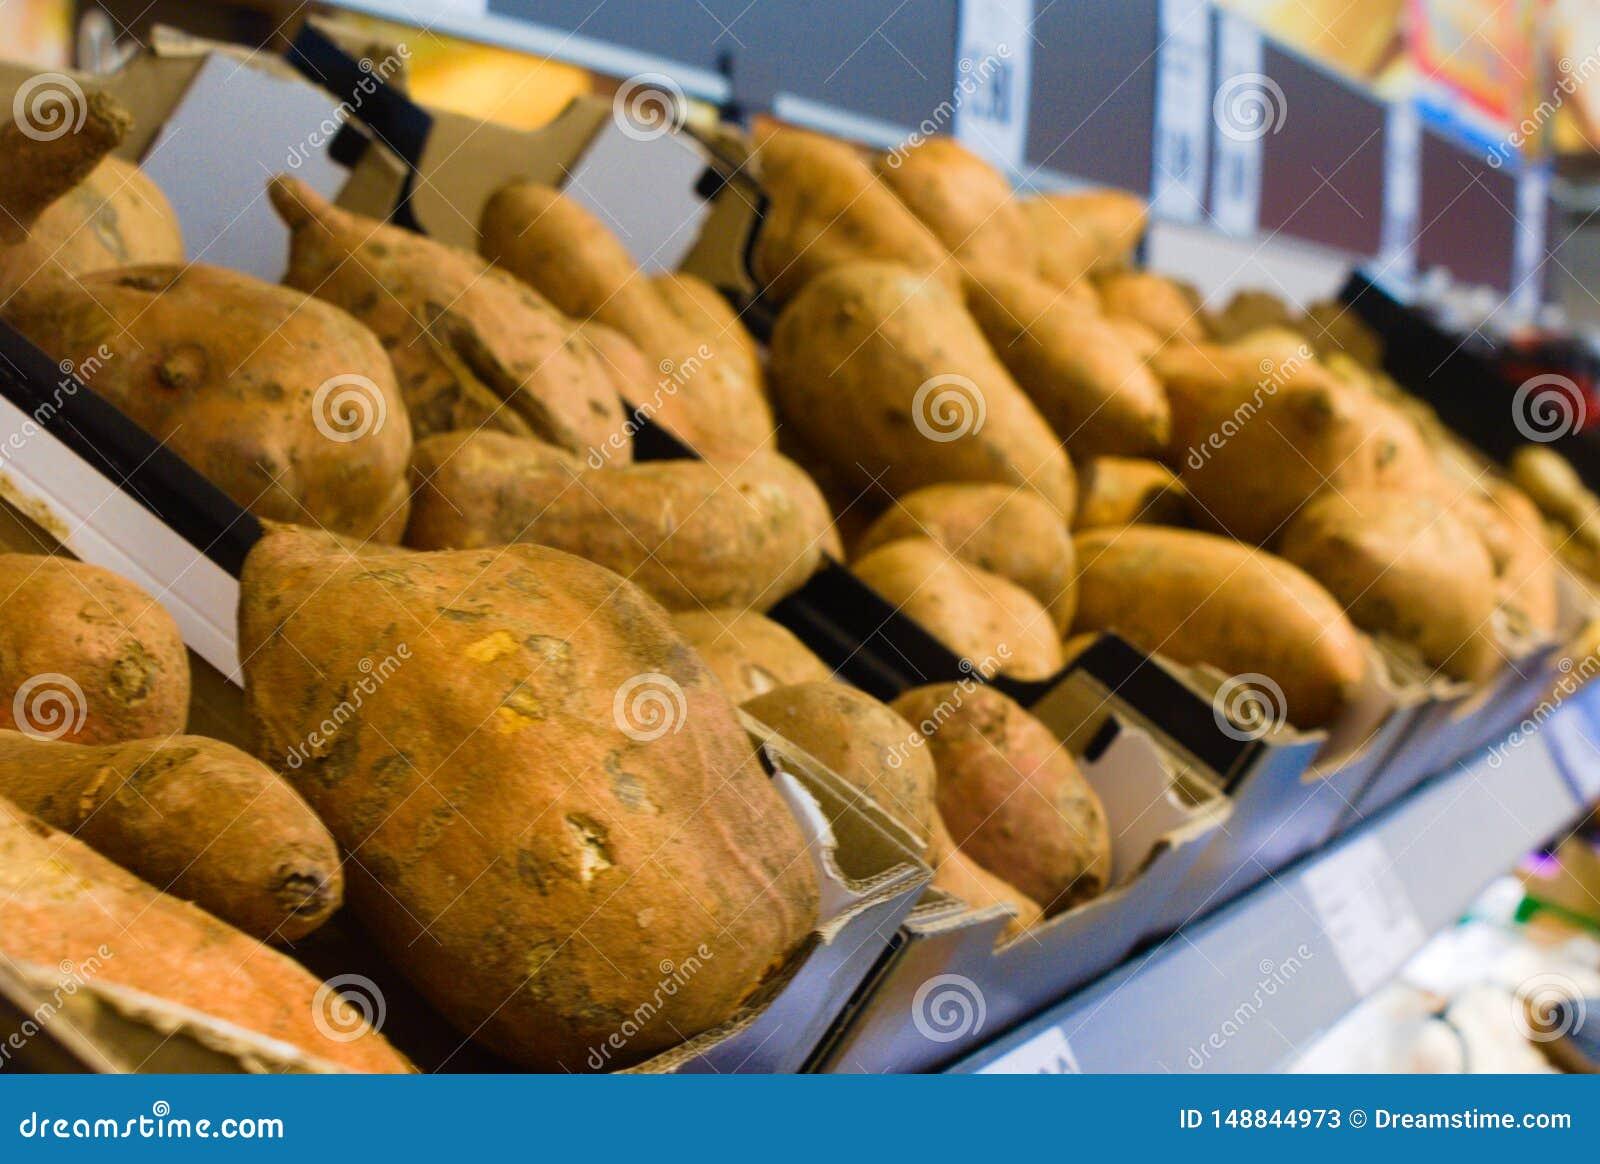 Batata doce enchida fresca no supermercado